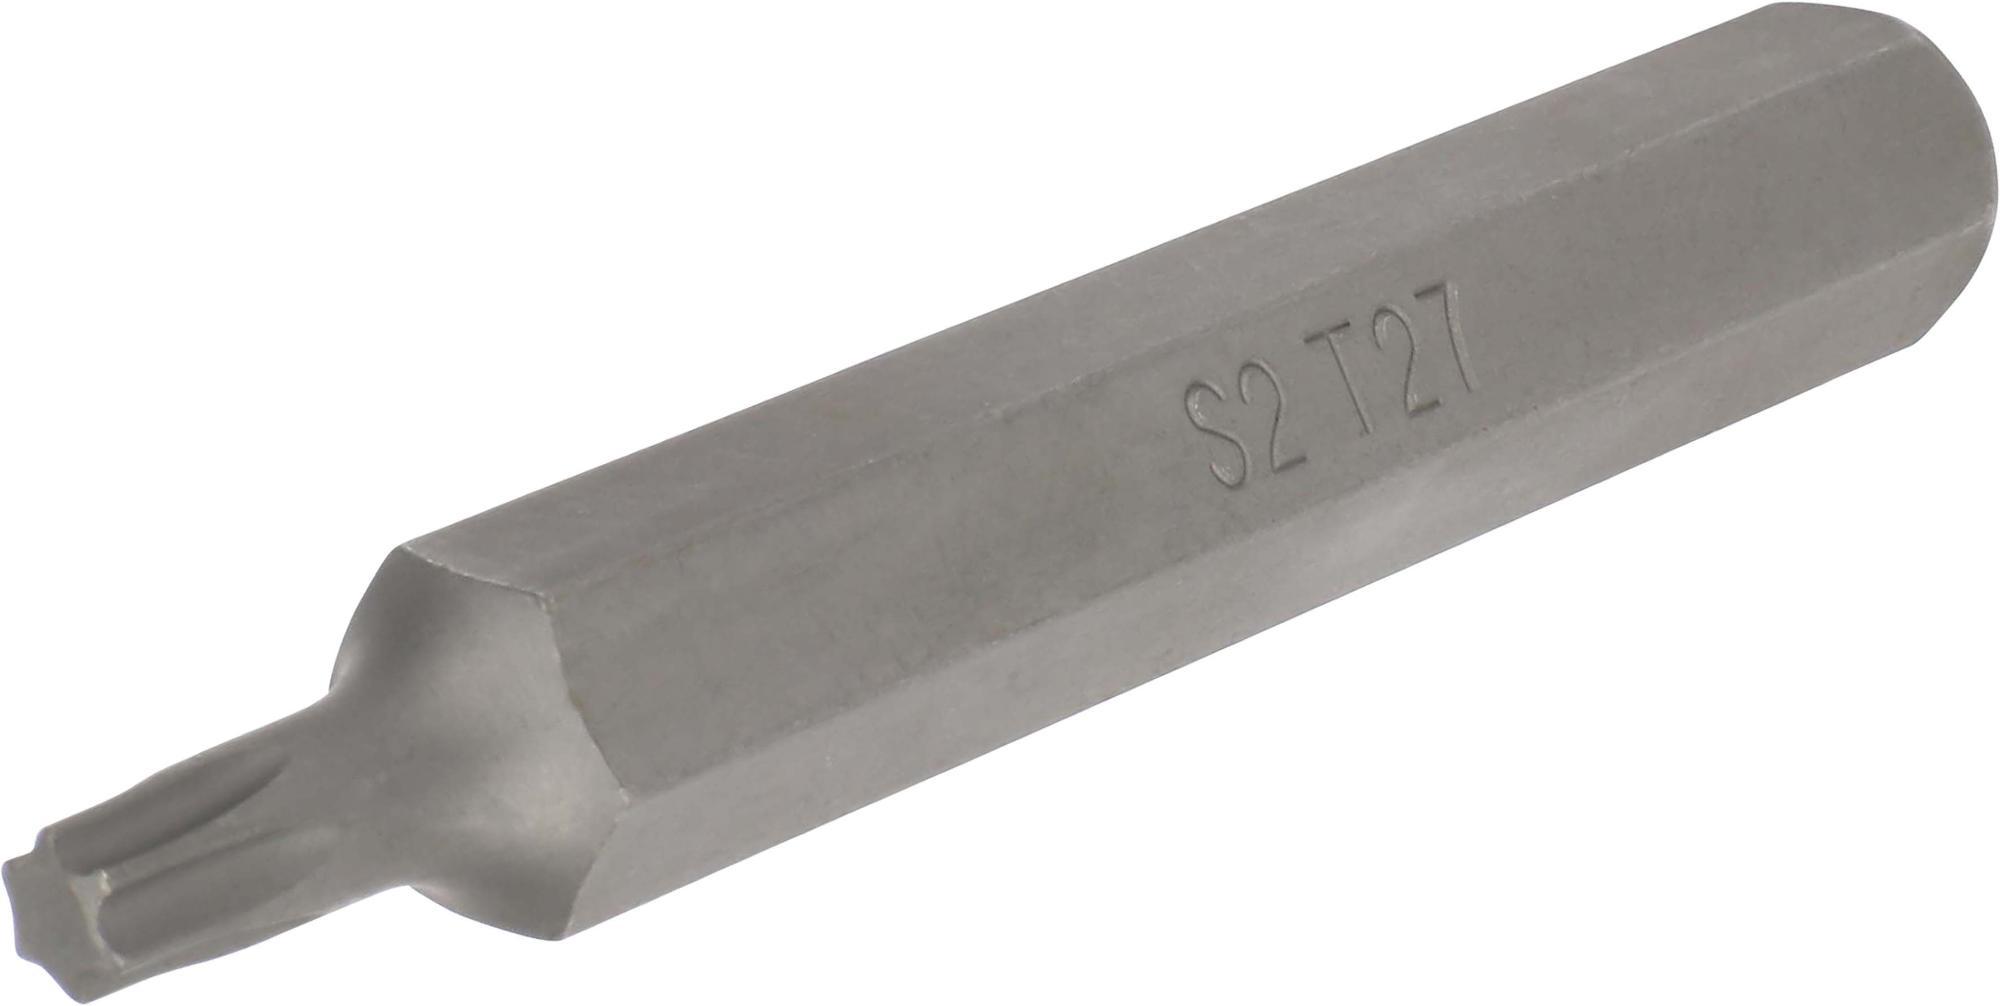 Bit, 10 mm 6-hran, TORX T27x75 mm